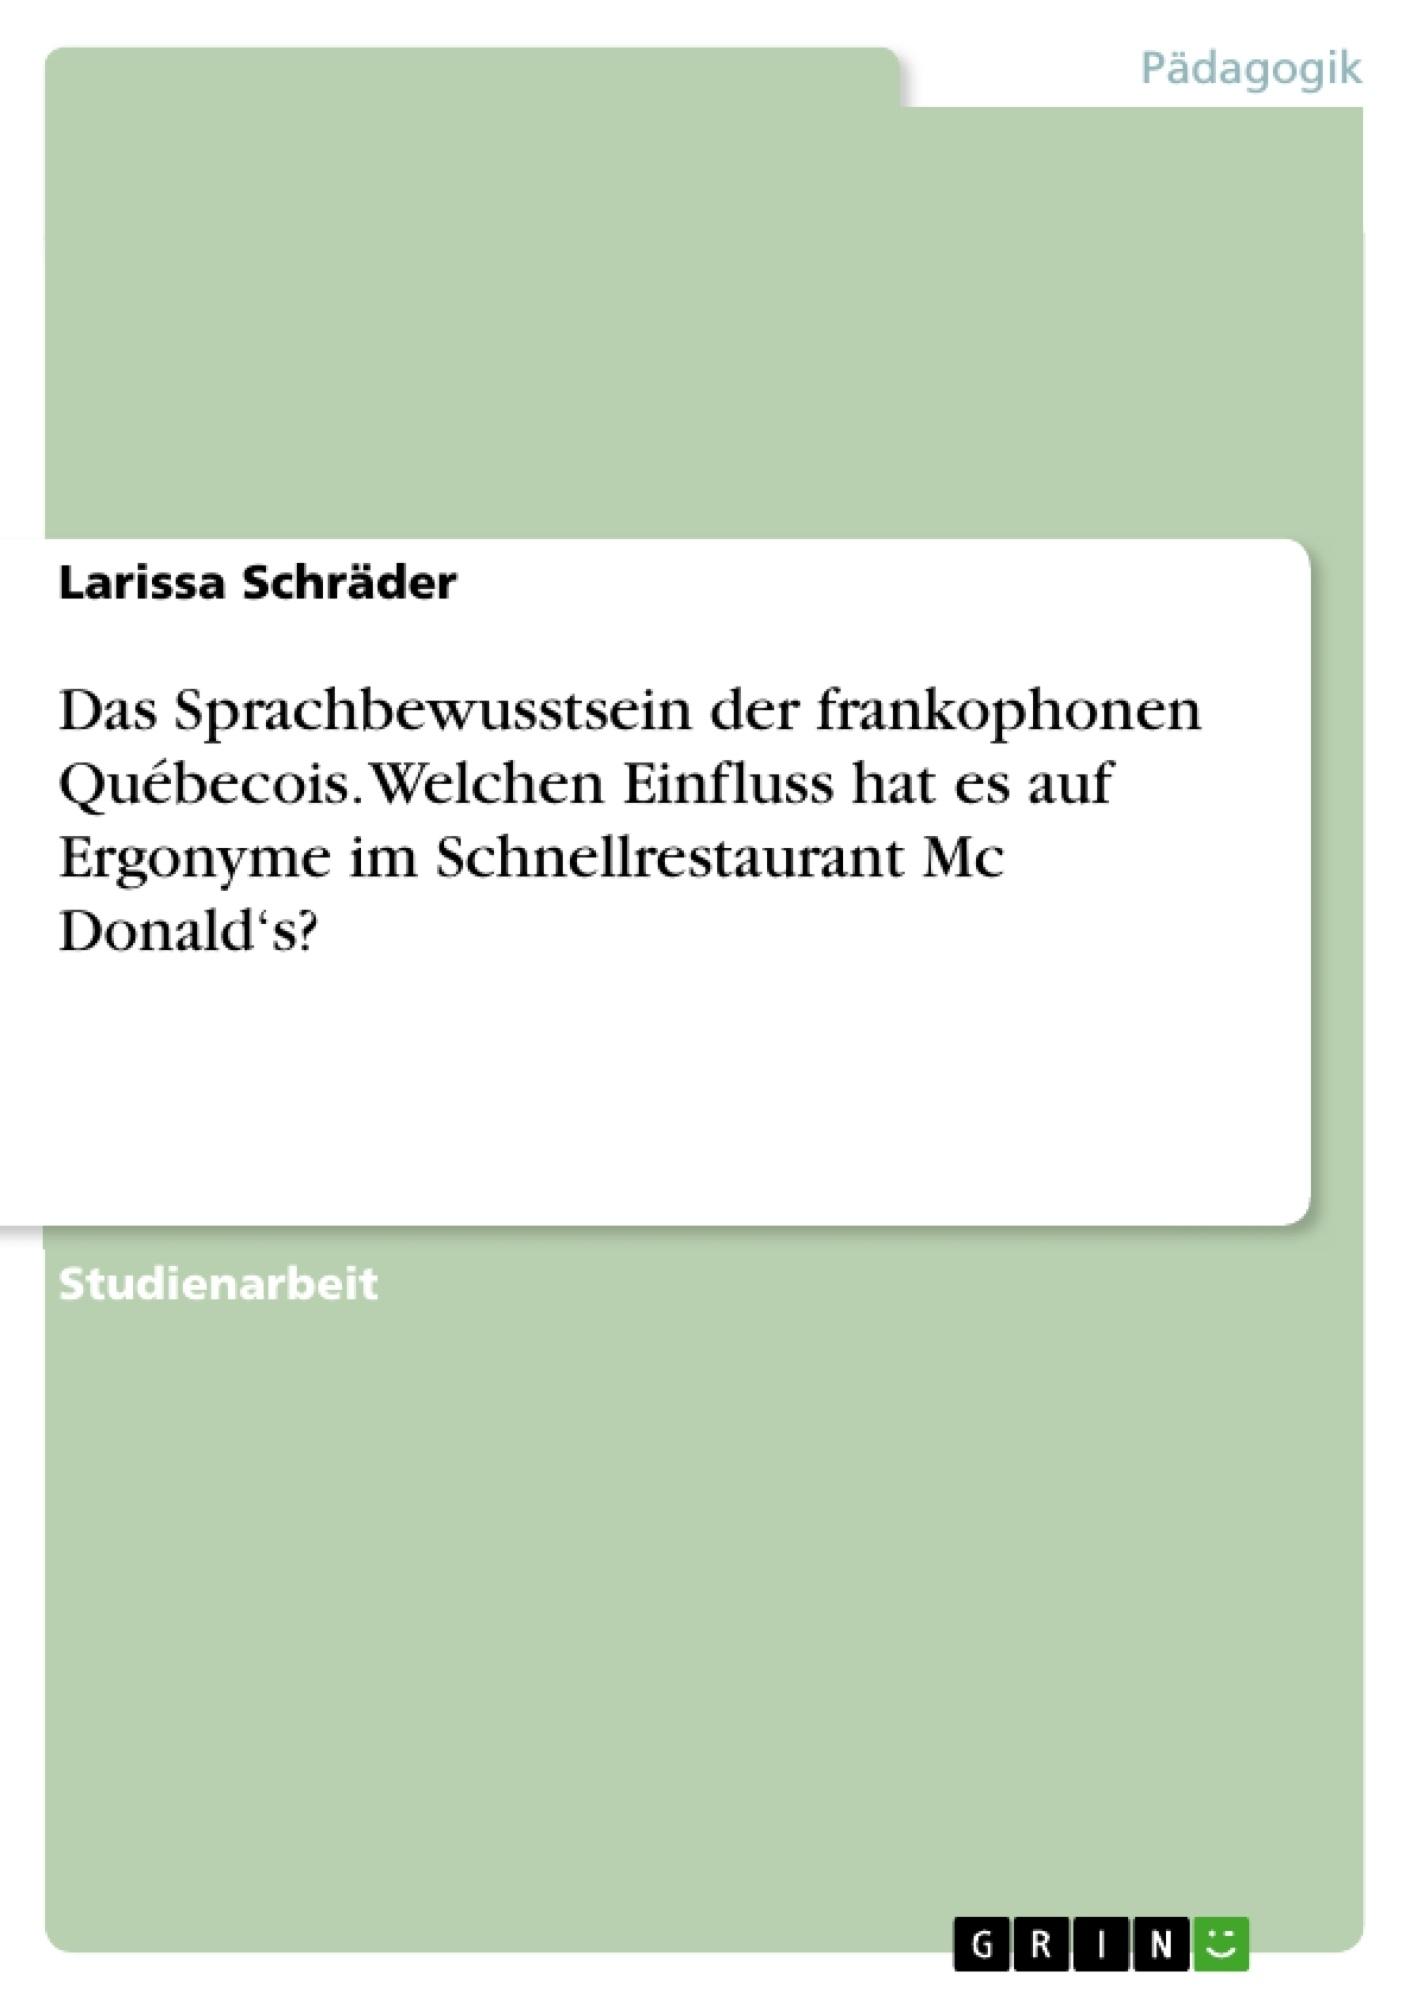 Titel: Das Sprachbewusstsein der frankophonen Québecois. Welchen Einfluss hat es auf Ergonyme im Schnellrestaurant Mc Donald's?